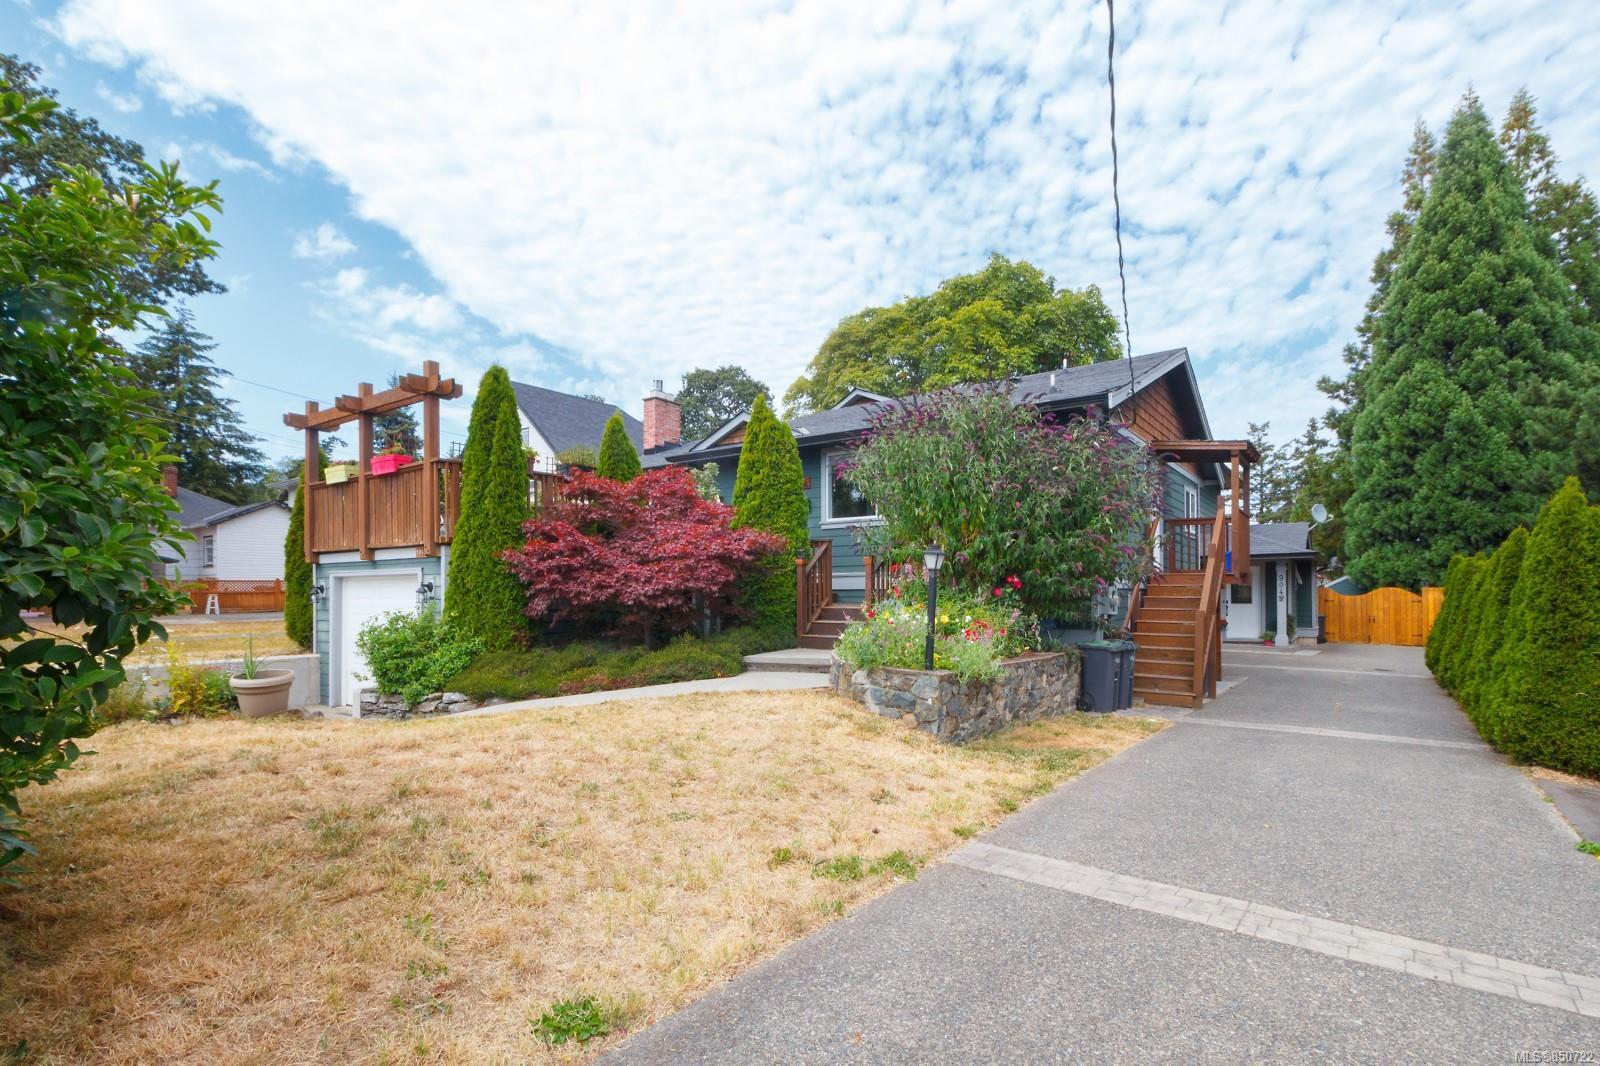 Main Photo: 904A Old Esquimalt Rd in : Es Old Esquimalt Half Duplex for sale (Esquimalt)  : MLS®# 850722